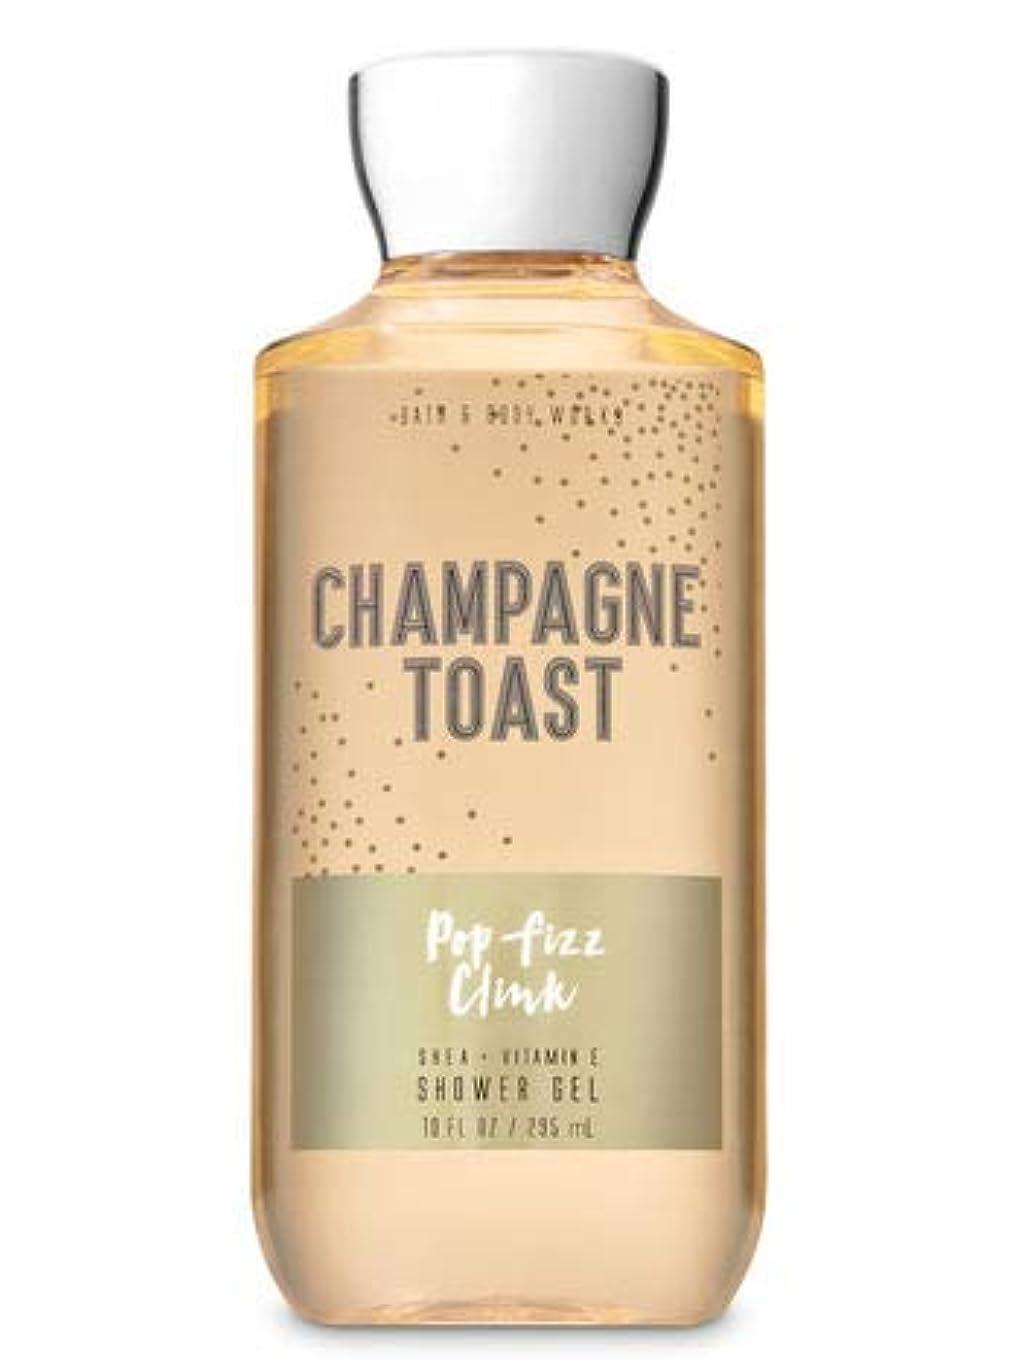 宴会アソシエイトトランスミッション【Bath&Body Works/バス&ボディワークス】 シャワージェル シャンパントースト Shower Gel Champagne Toast 10 fl oz / 295 mL [並行輸入品]